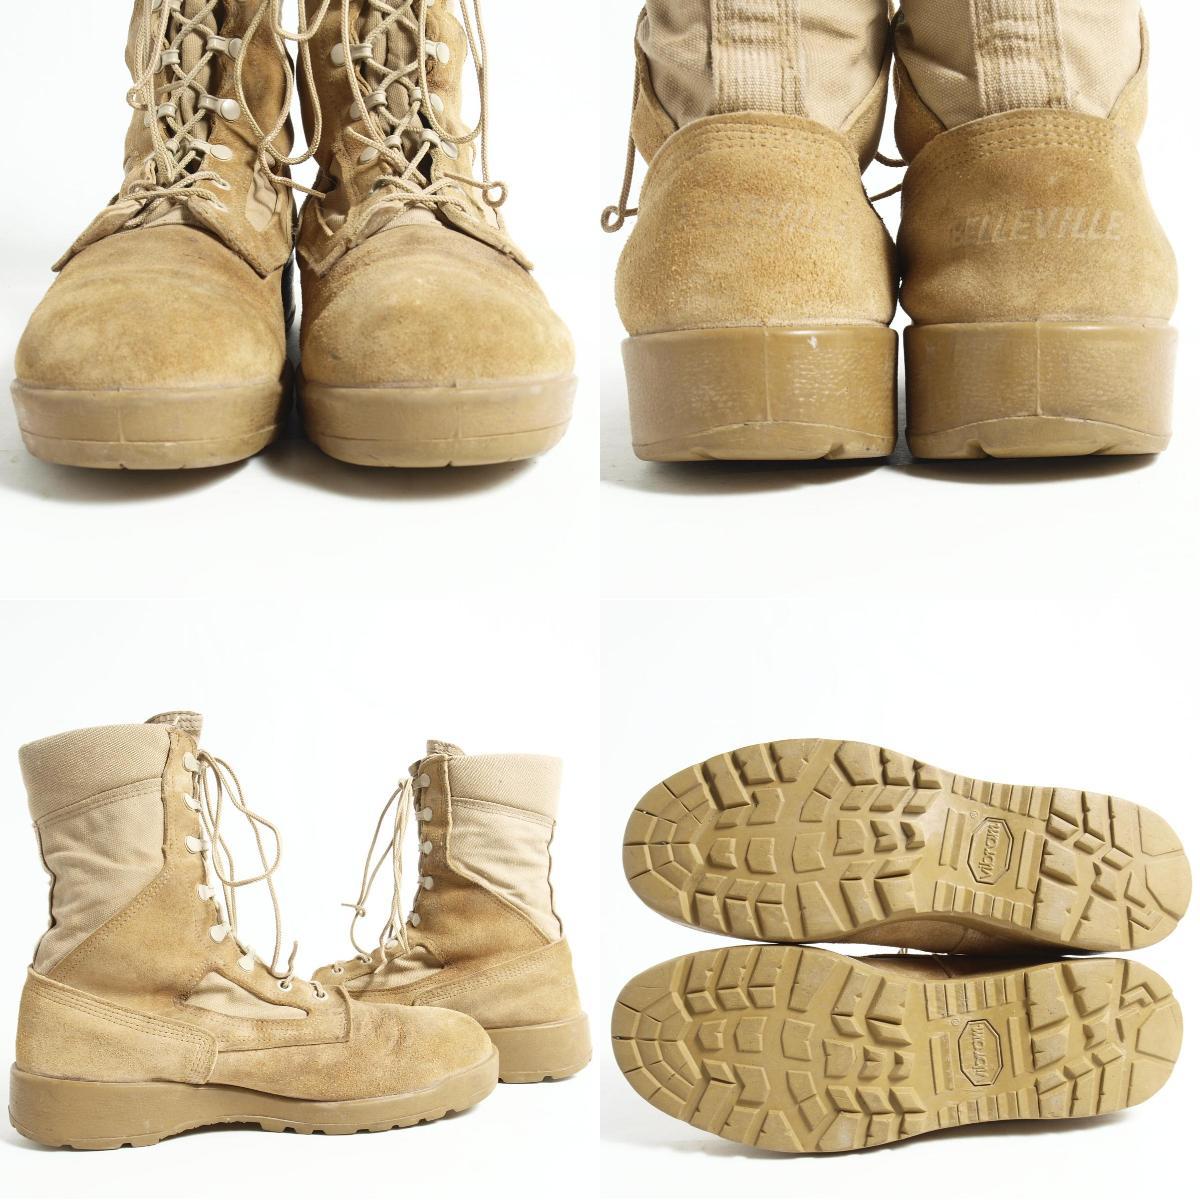 贝尔维尔USA制造军事陆军长筒靴9.5R人27.5cm BELLEVILLE/bok2862